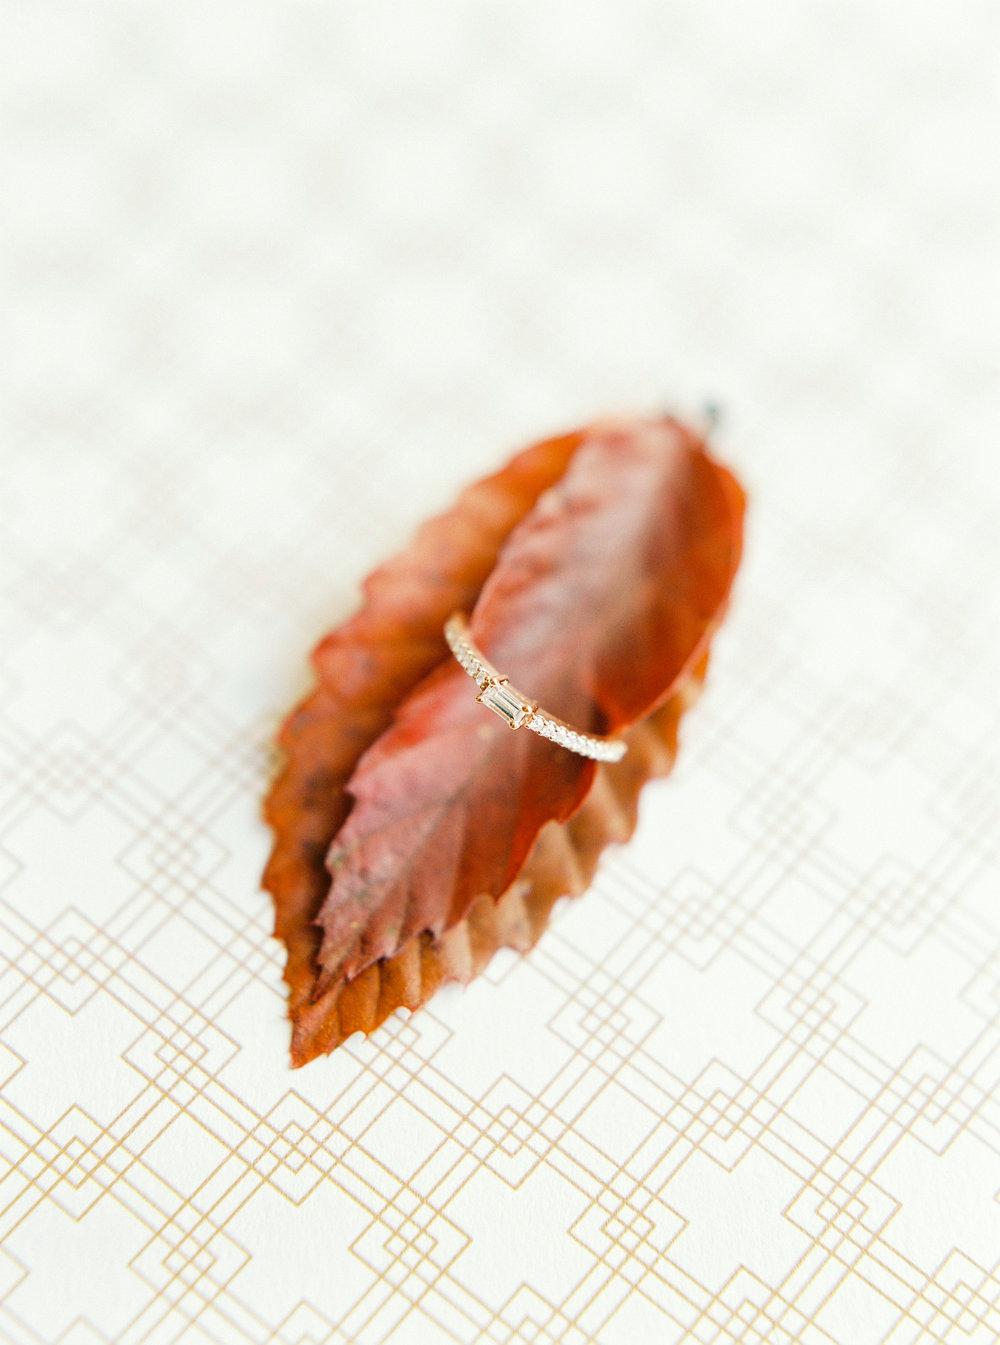 Engagement-ring-branco-prata-solitaire-baguette-cut.jpeg